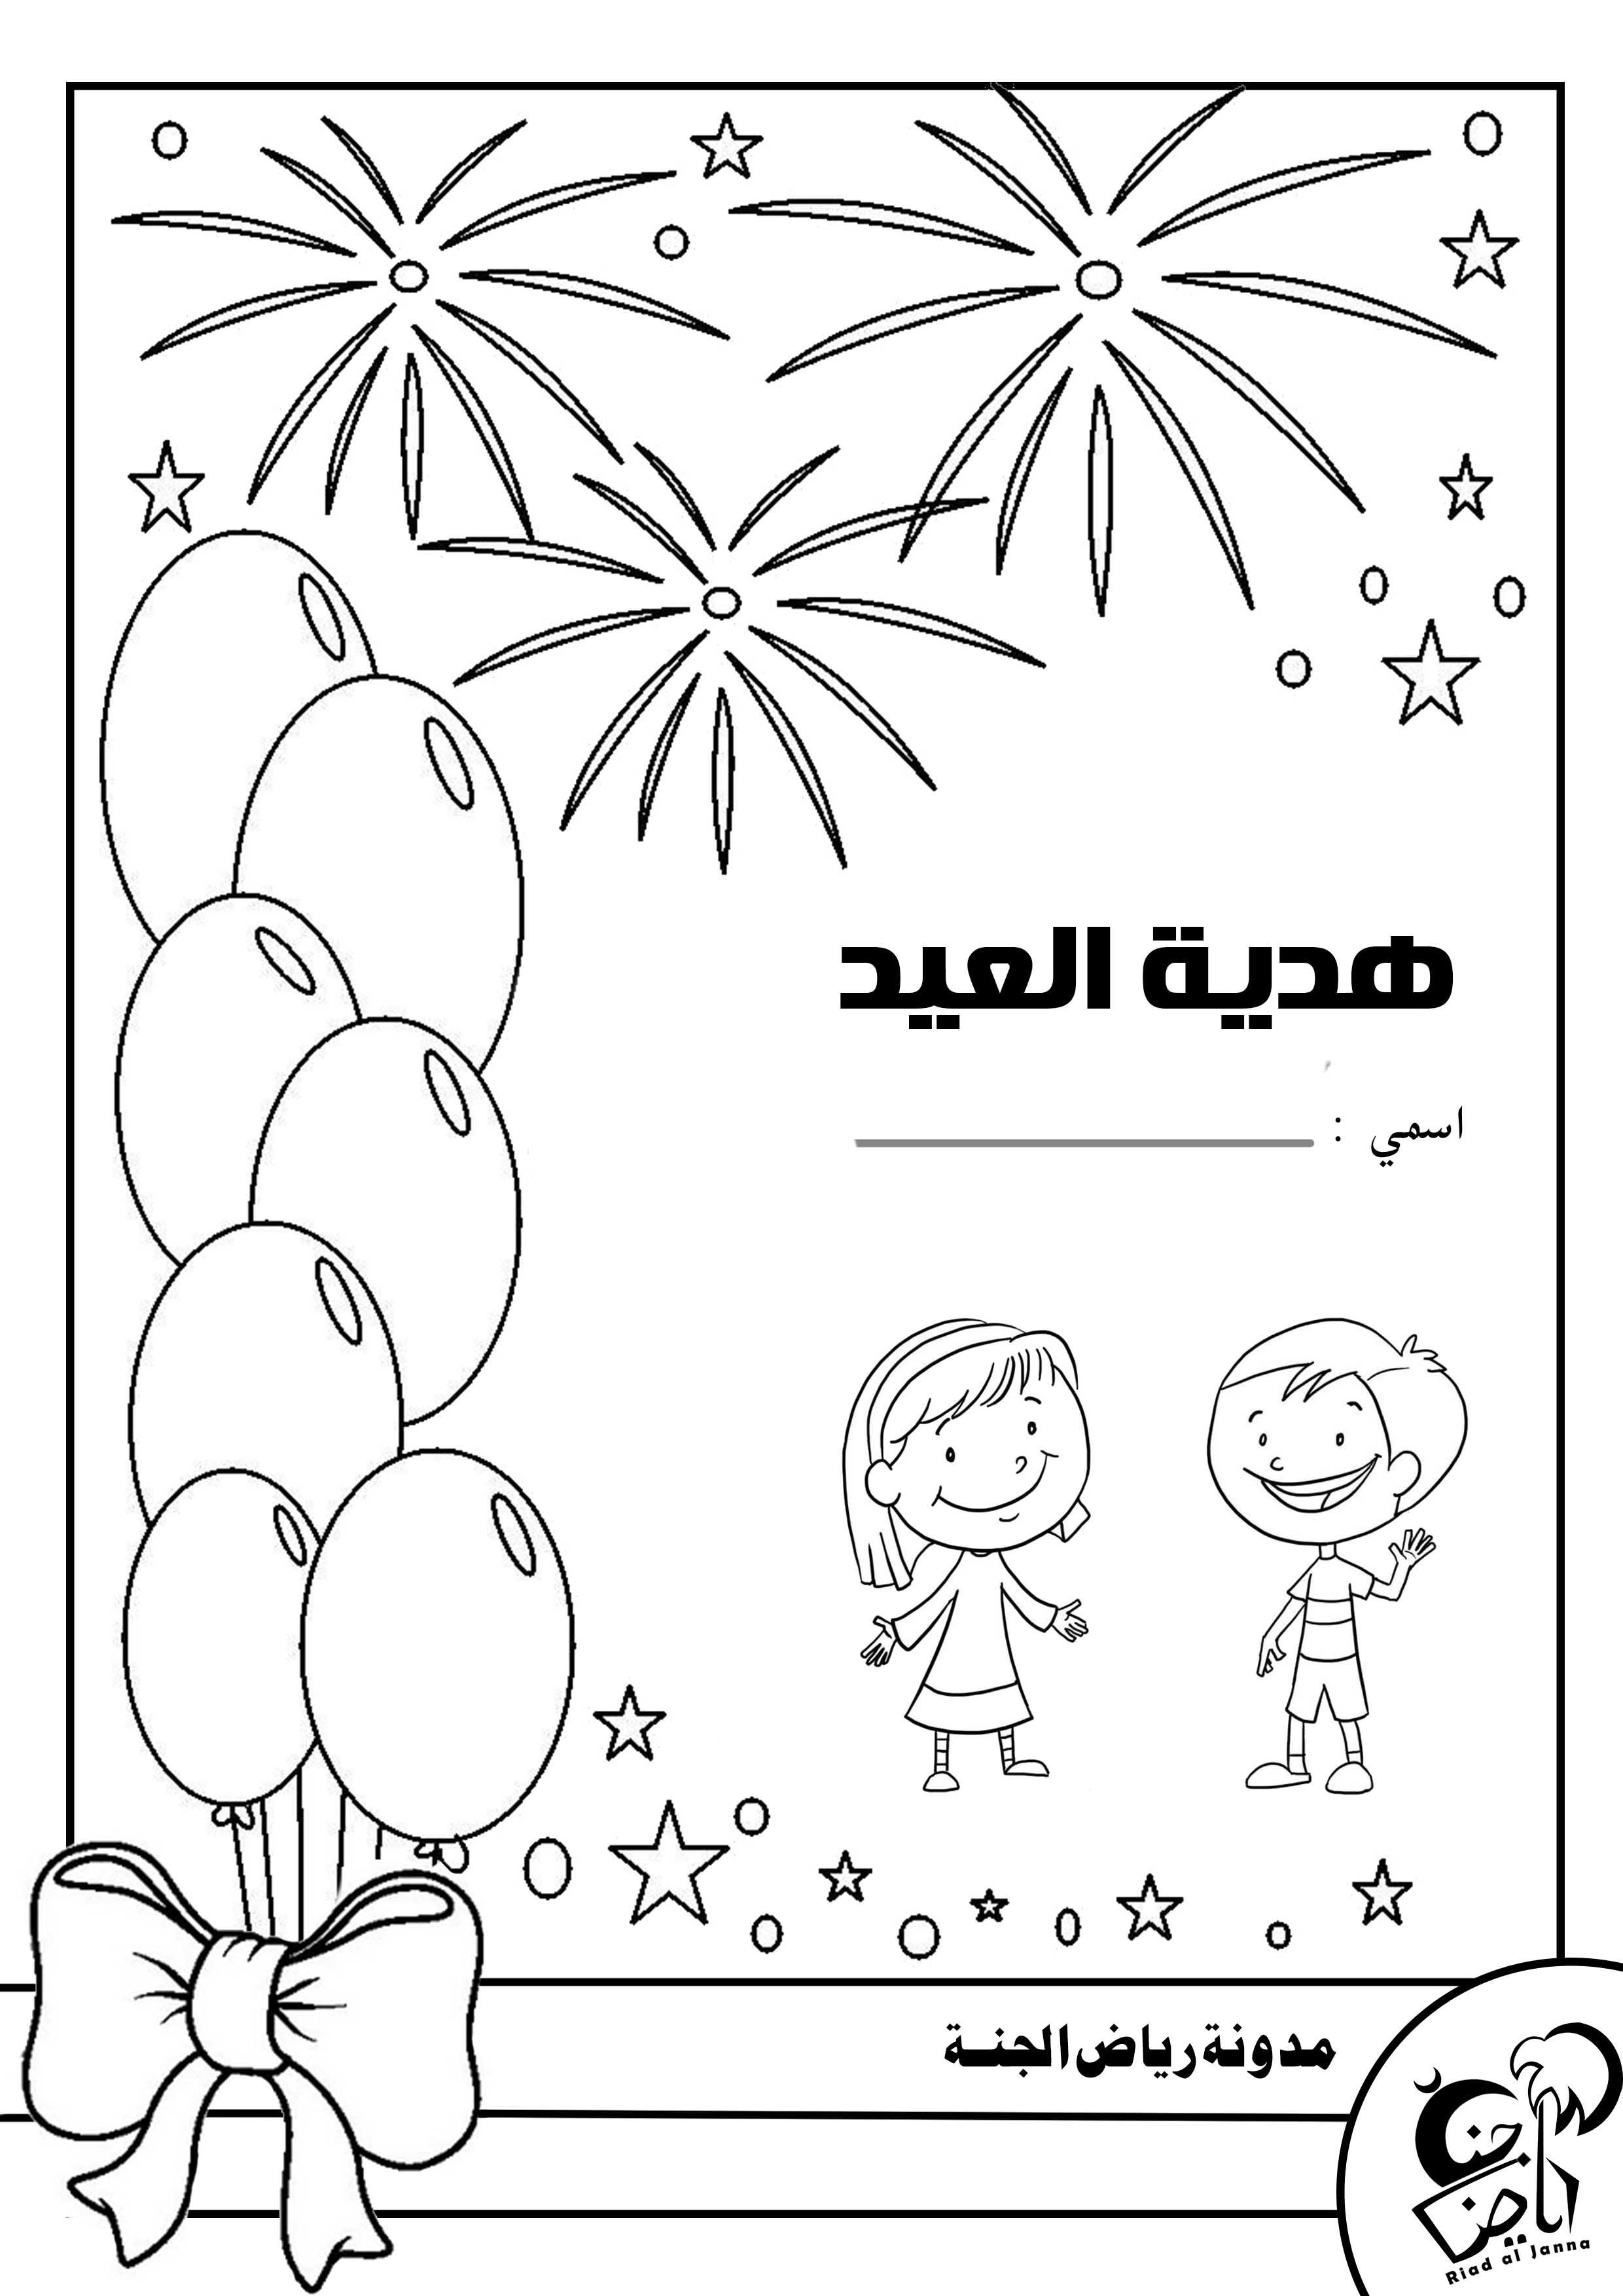 آداب العيد كتاب تلوين و أنشطة رياض الجنة